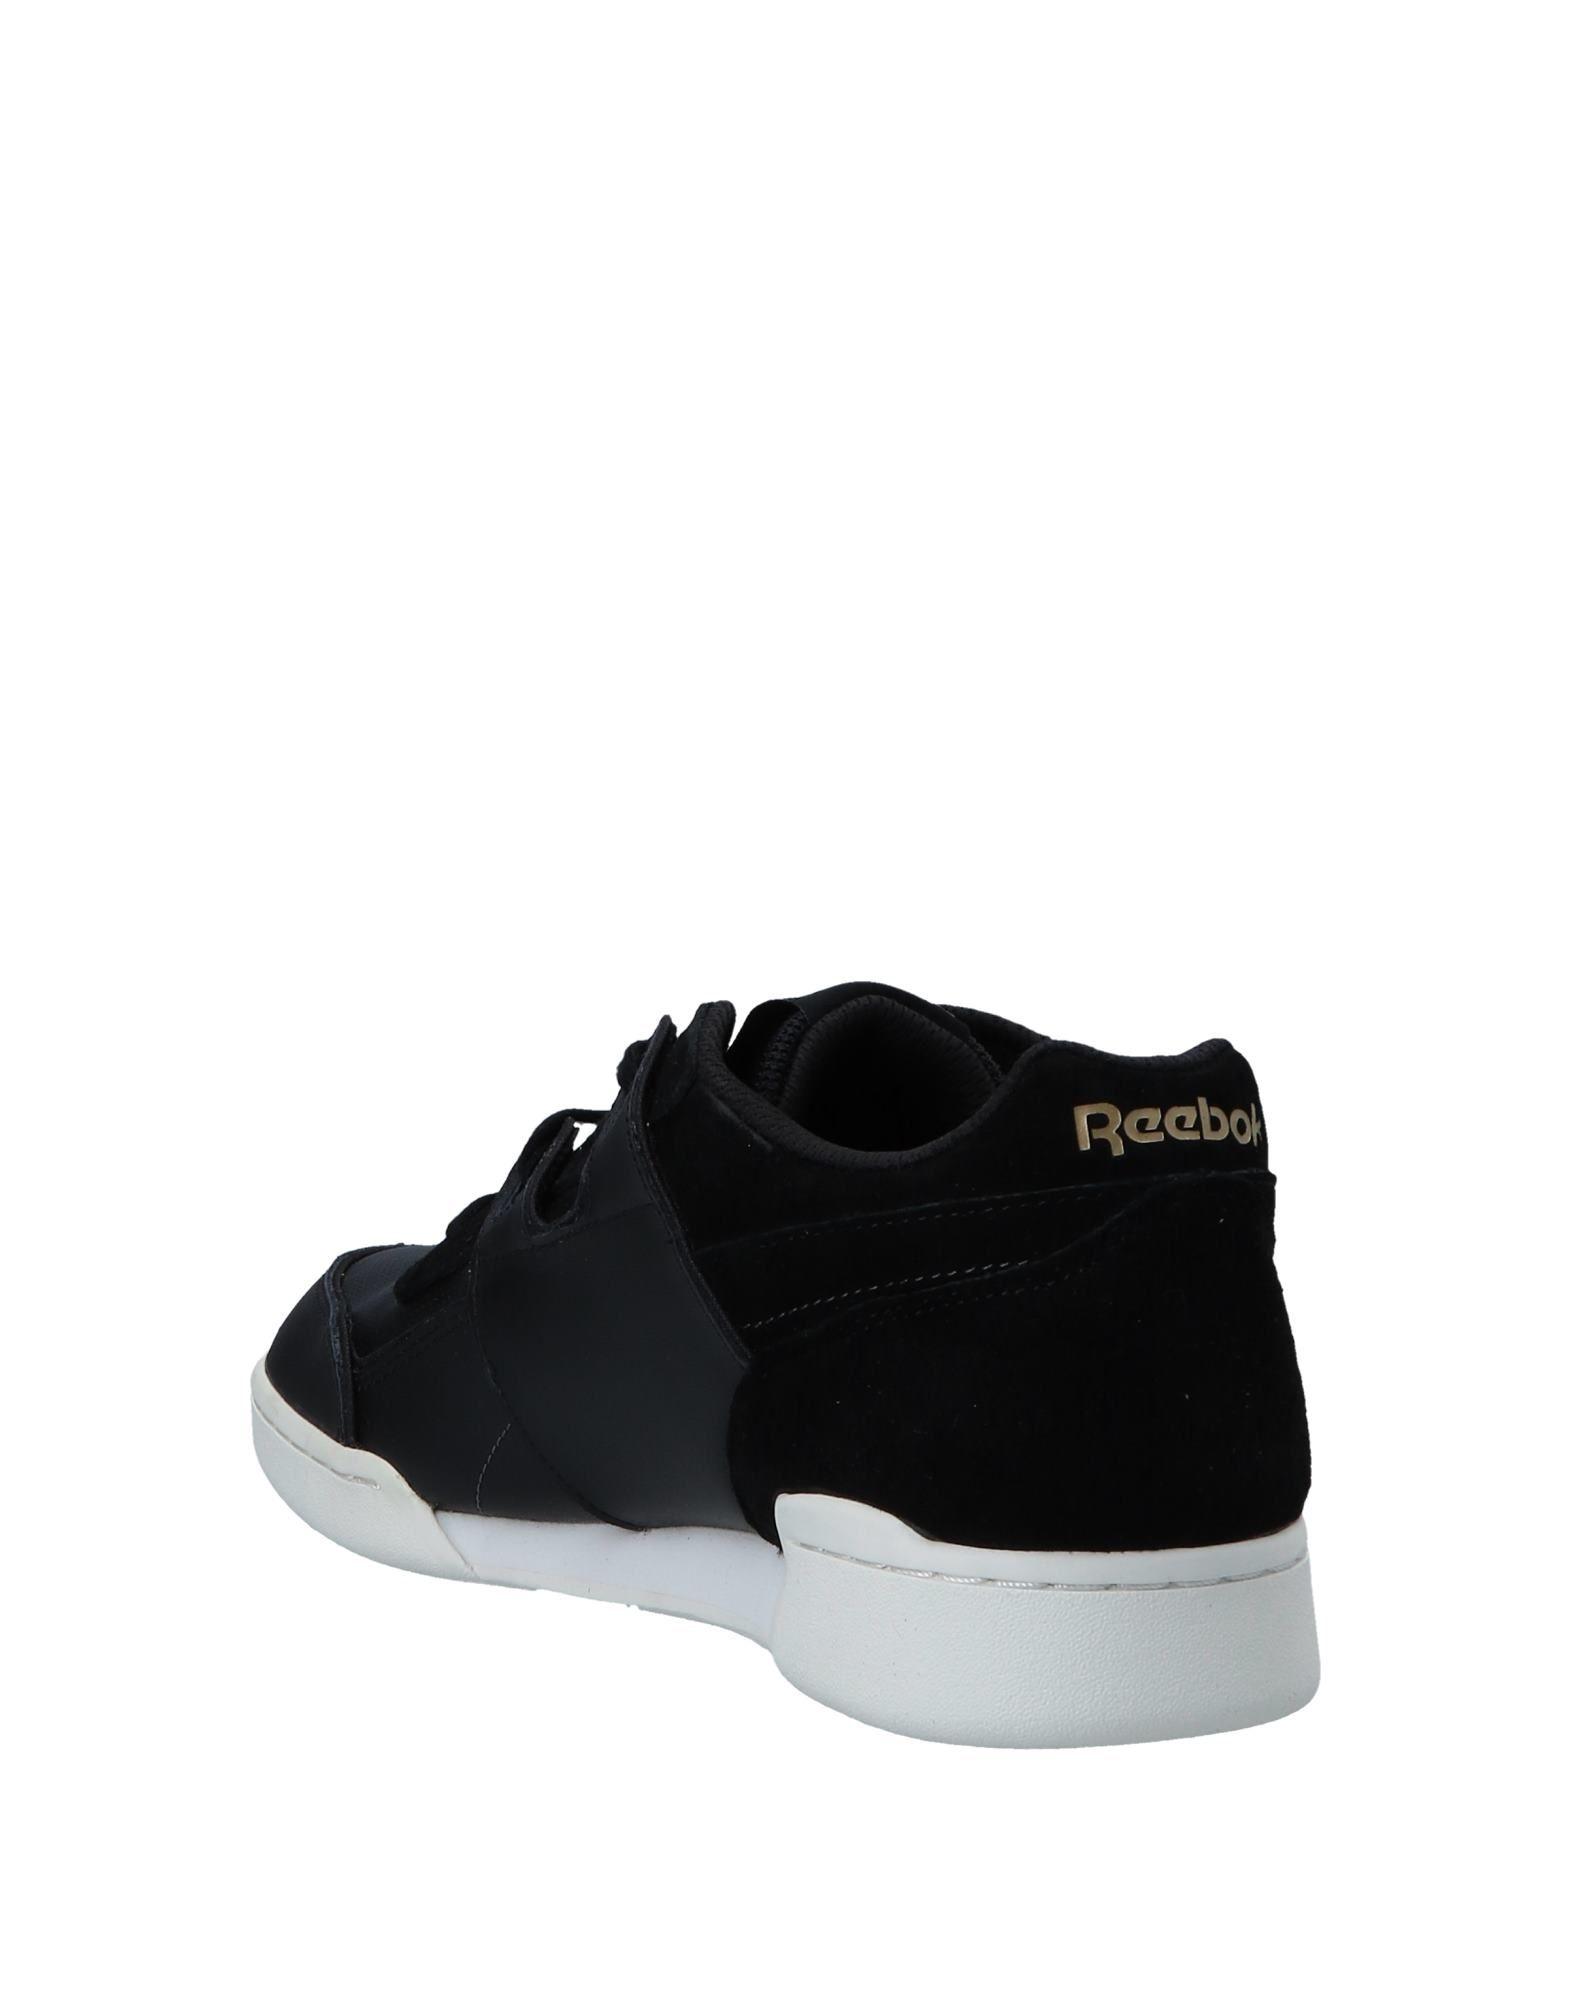 Reebok Sneakers - - - Men Reebok Sneakers online on  Australia - 11546715WW 439077